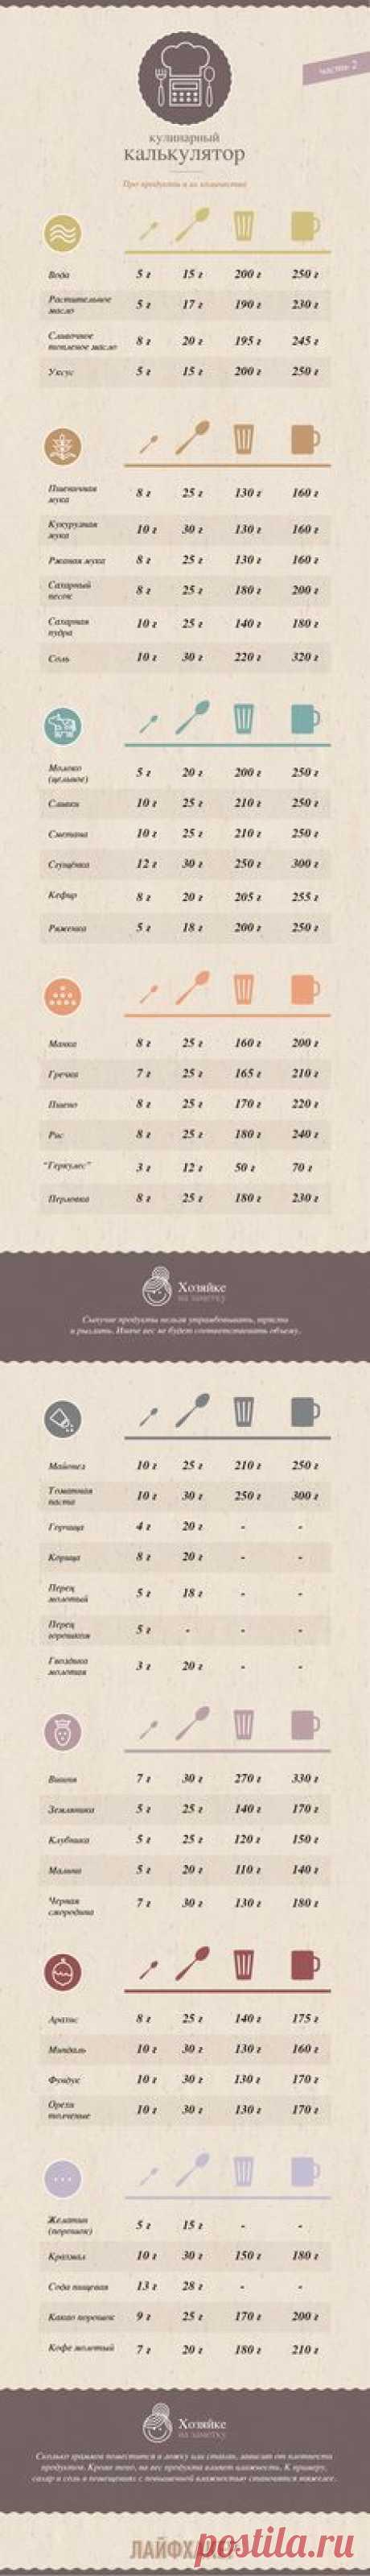 ИНФОГРАФИКА: Кулинарный калькулятор. Часть 2 - Лайфхакер